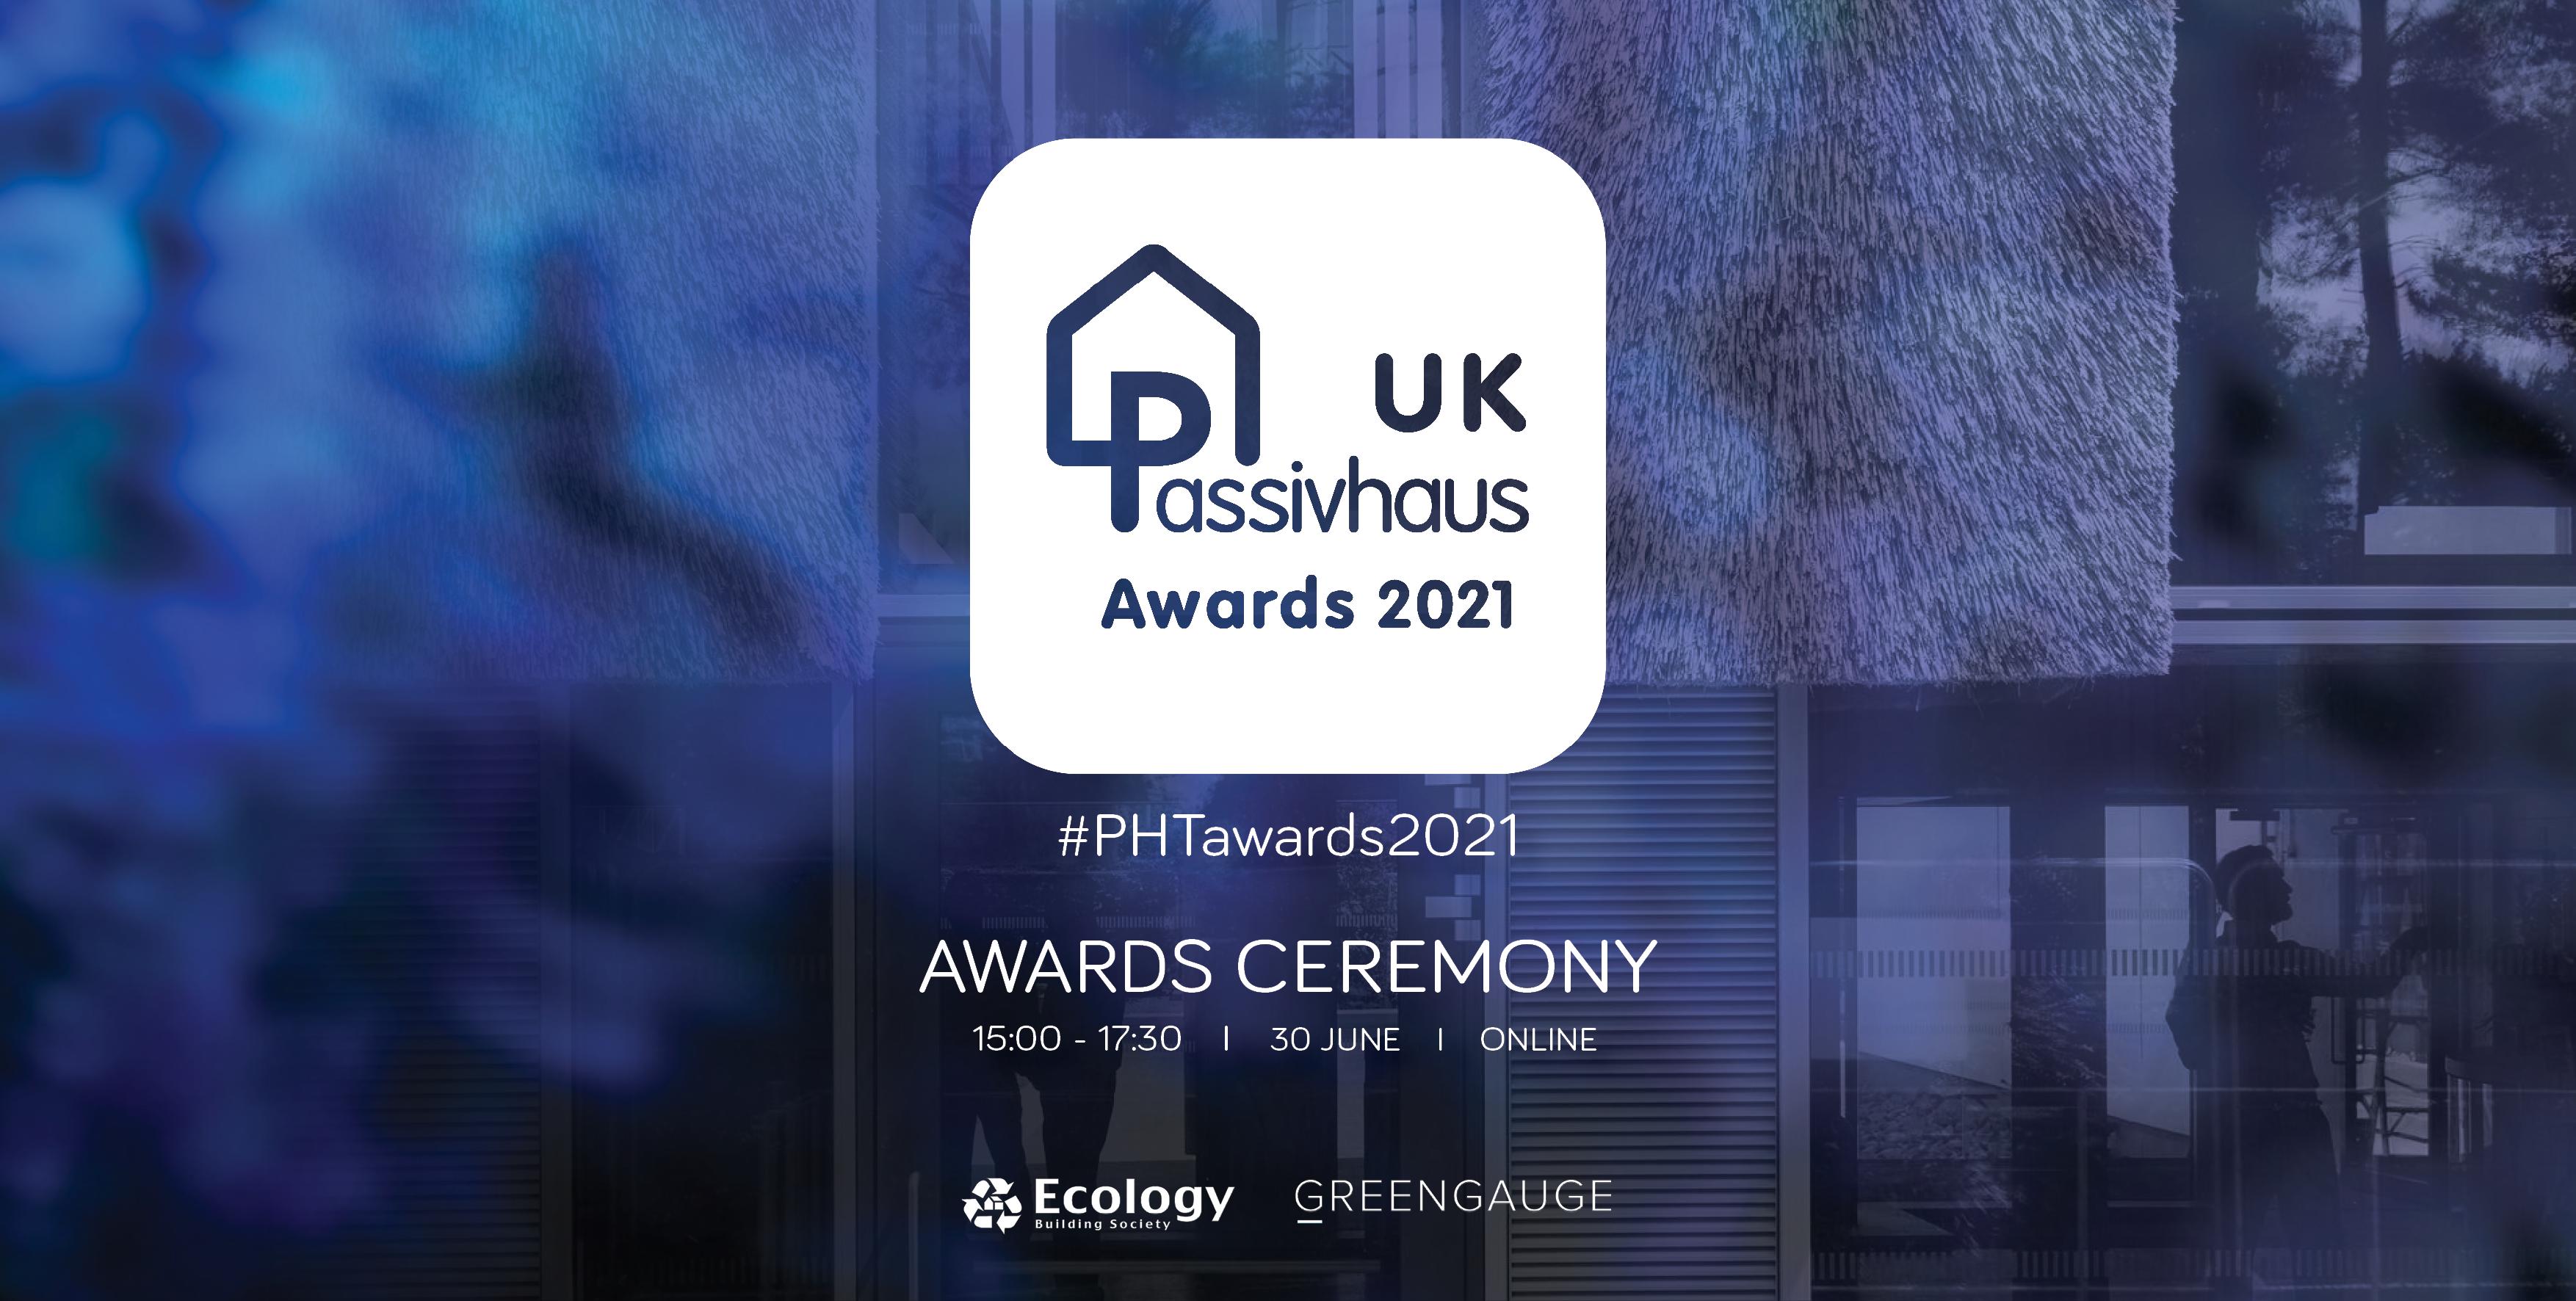 UK Passivhaus Awards 2021